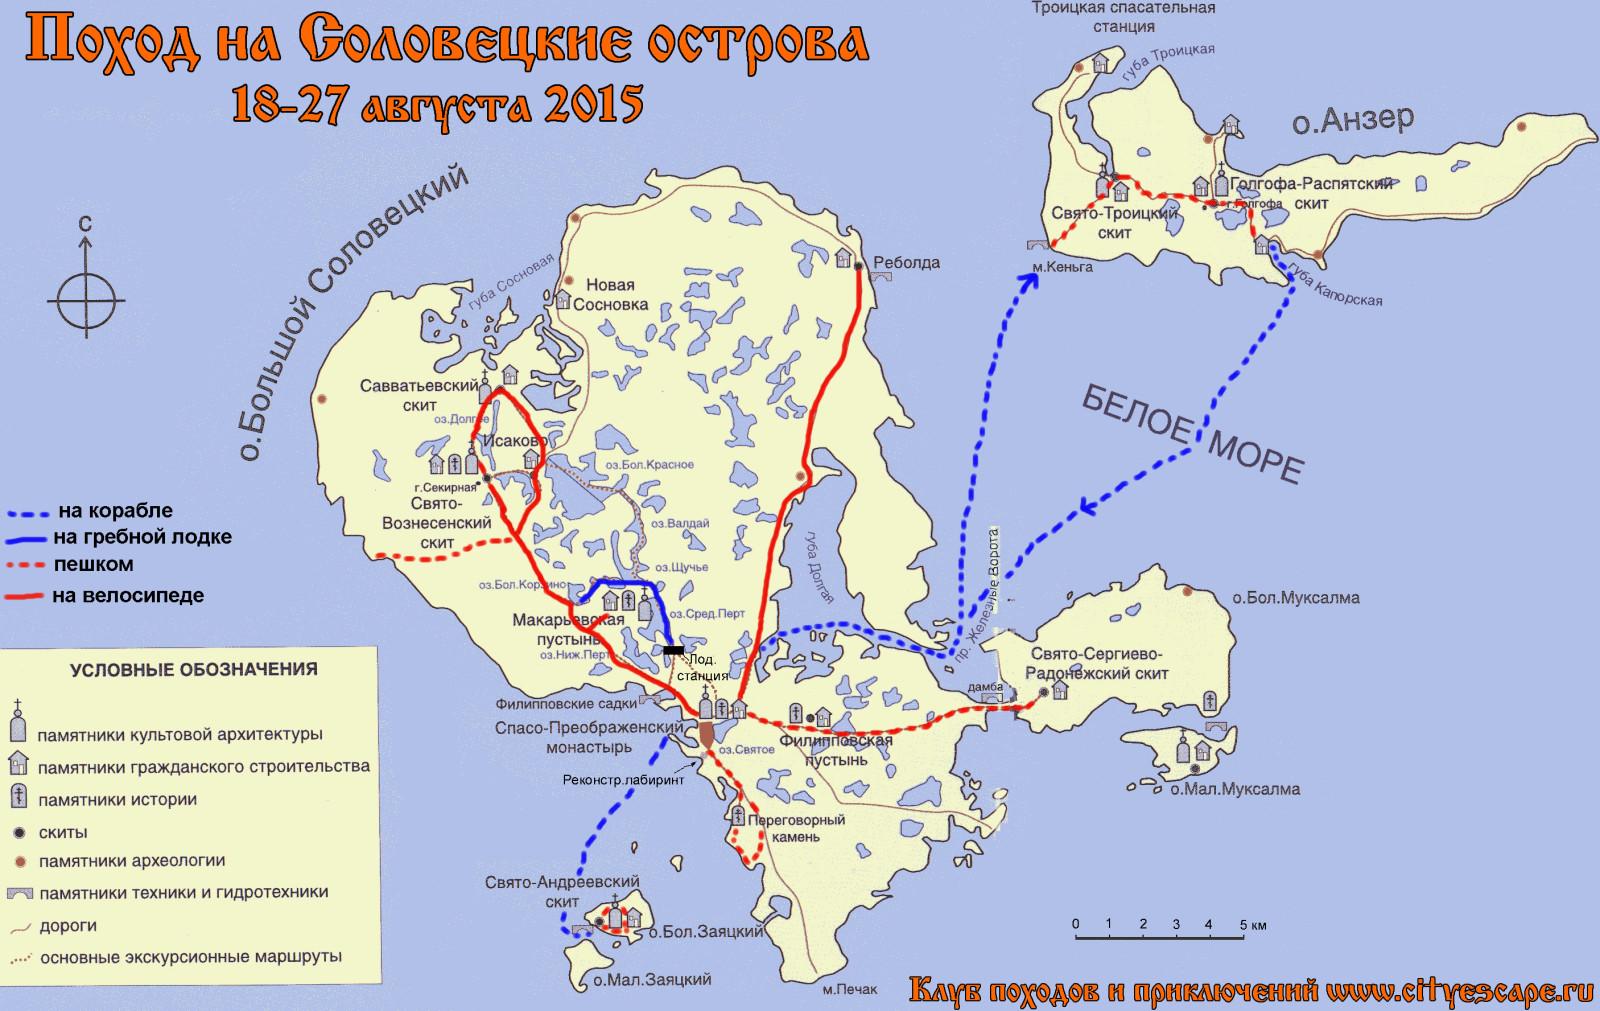 Соловецкие острова схема